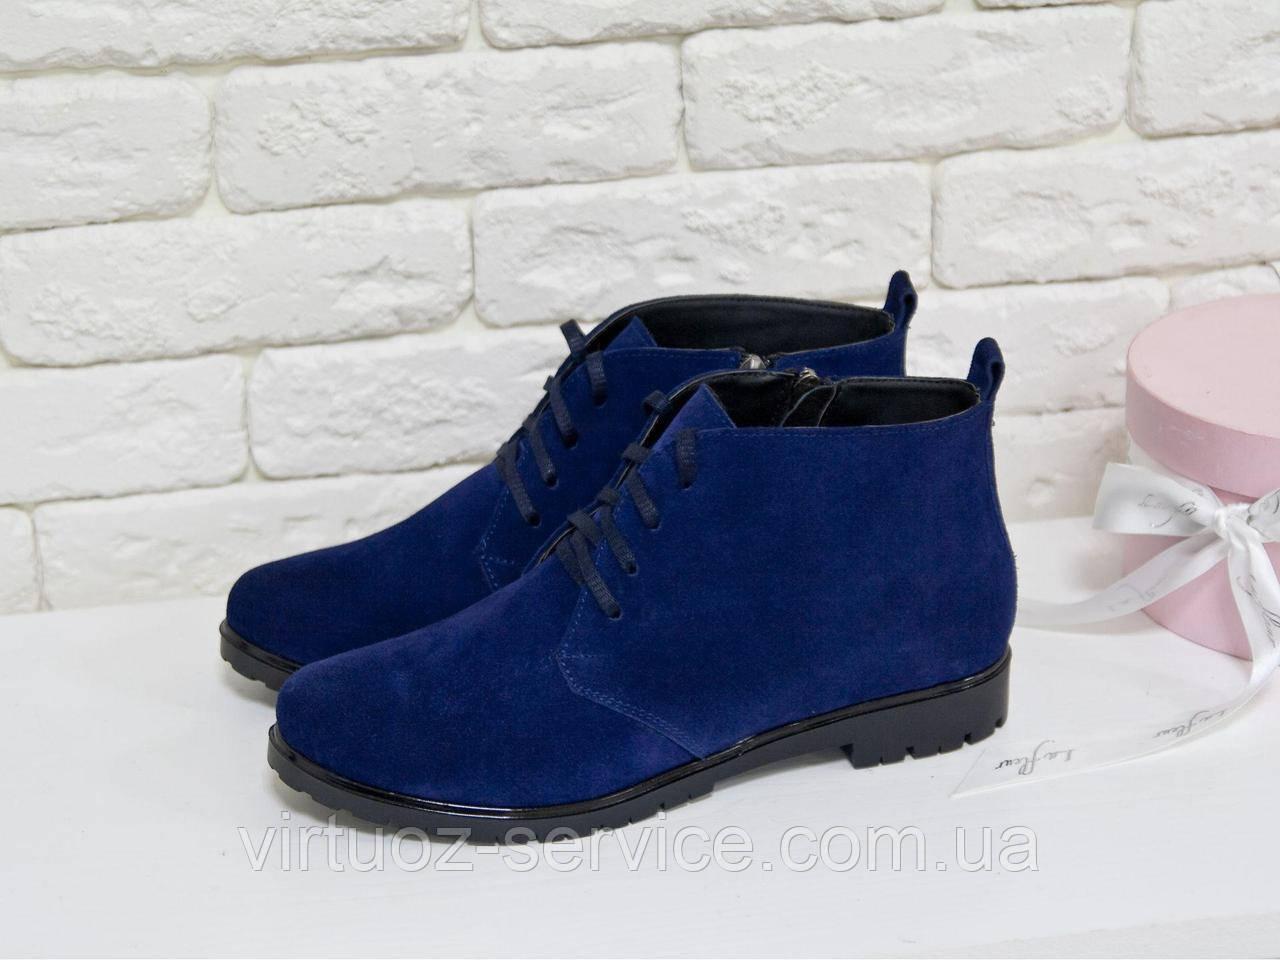 Ботинки женские Gino Figini Б-152-02 из натуральной замши 38 Синий